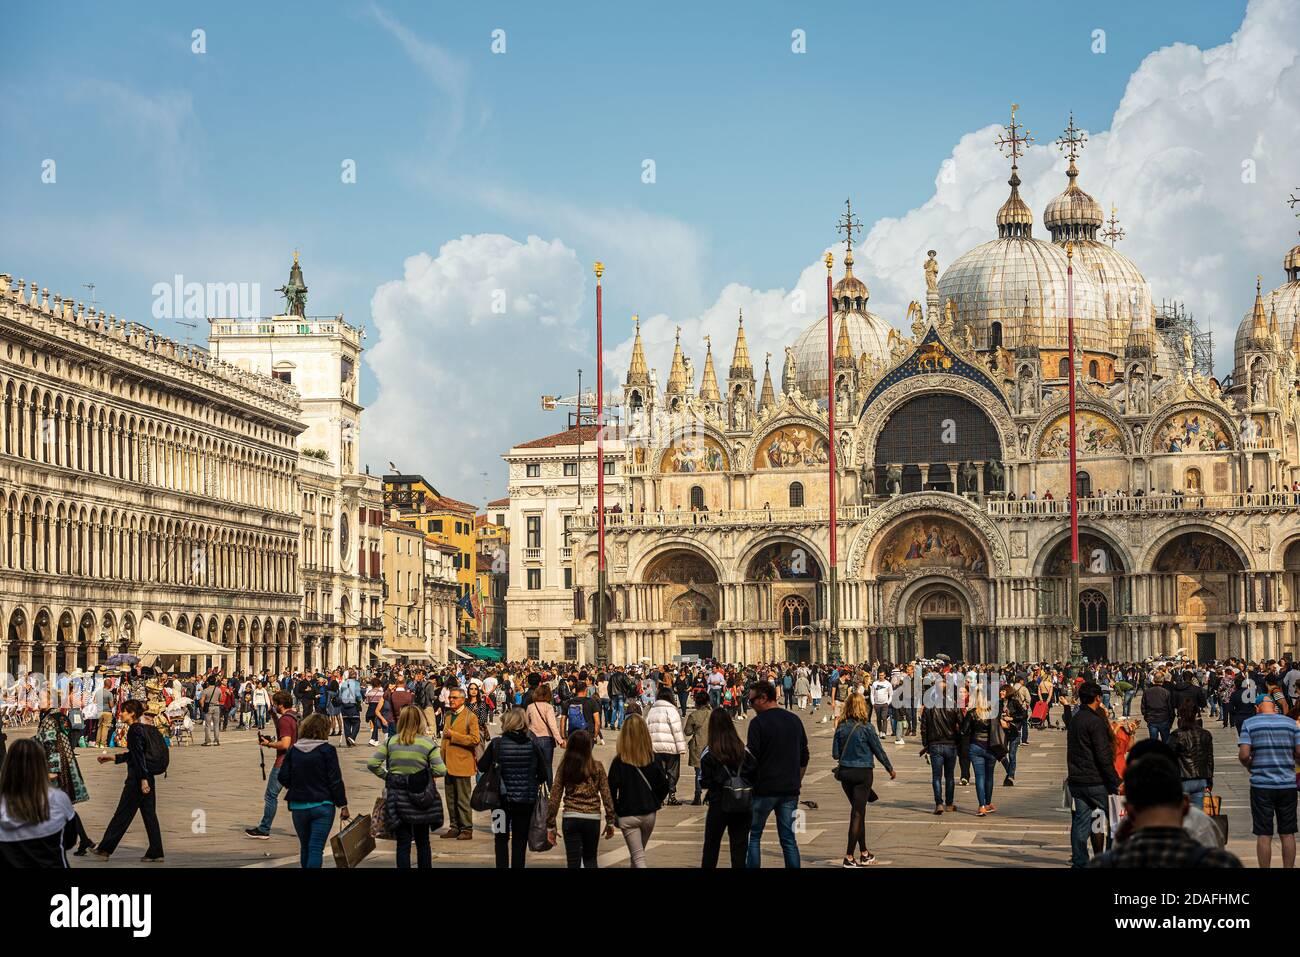 Piazza San Marco lleno de turistas en un día soleado con la Basílica y la Catedral (San Mark el evangelista), Veneto, Italia, Europa. Foto de stock